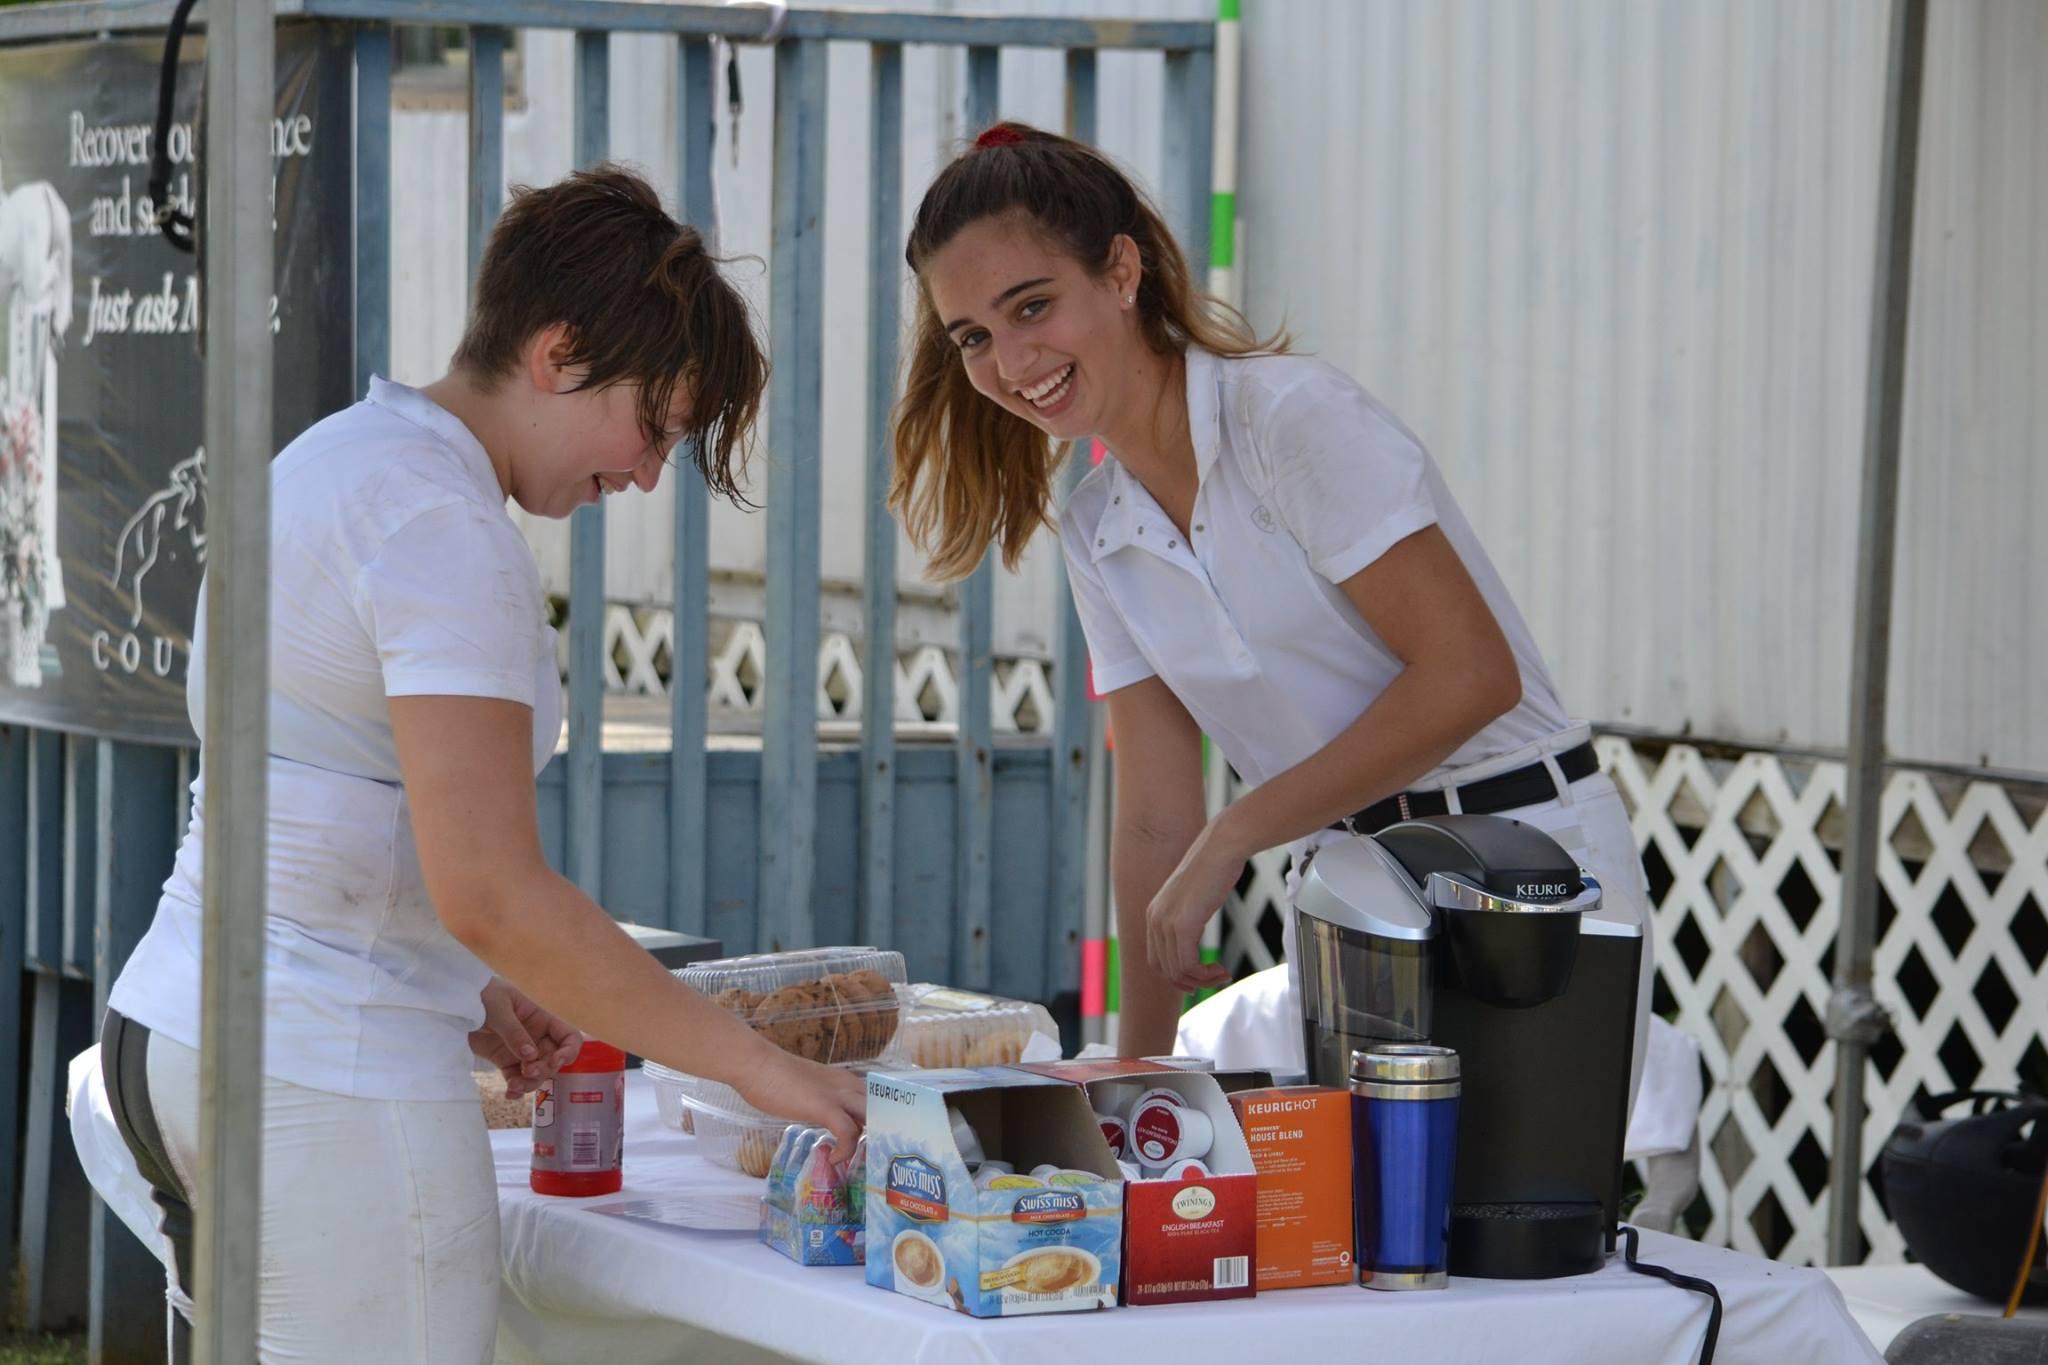 2017-10-15 Lara and Charli at the bake sale